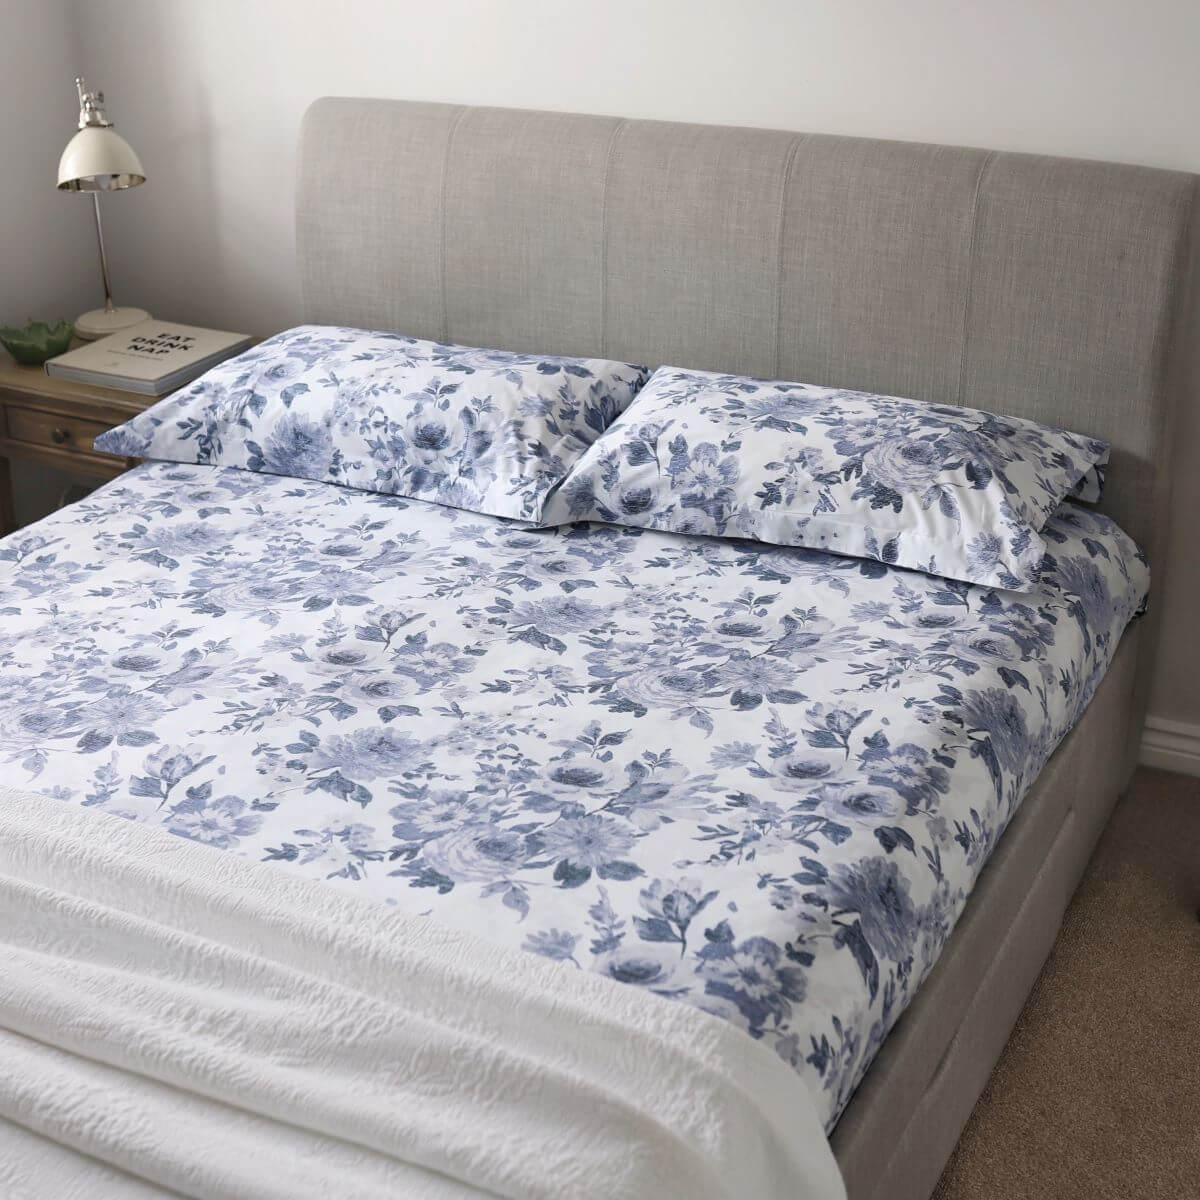 White/Blue 200TC Floral Cotton Double Bed Set